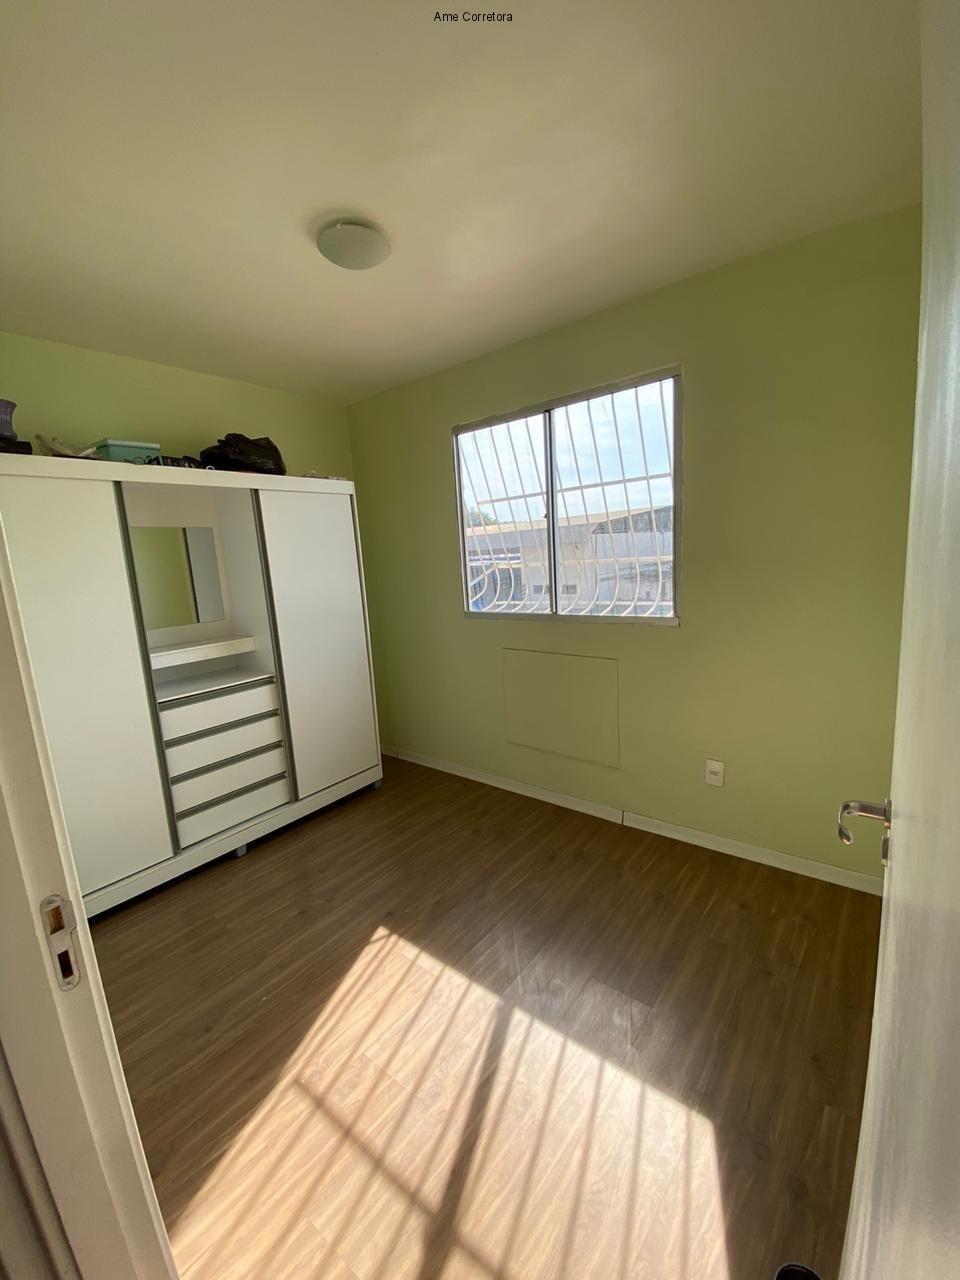 FOTO 10 - Apartamento 2 quartos à venda Rio de Janeiro,RJ - R$ 130.000 - AP00375 - 13